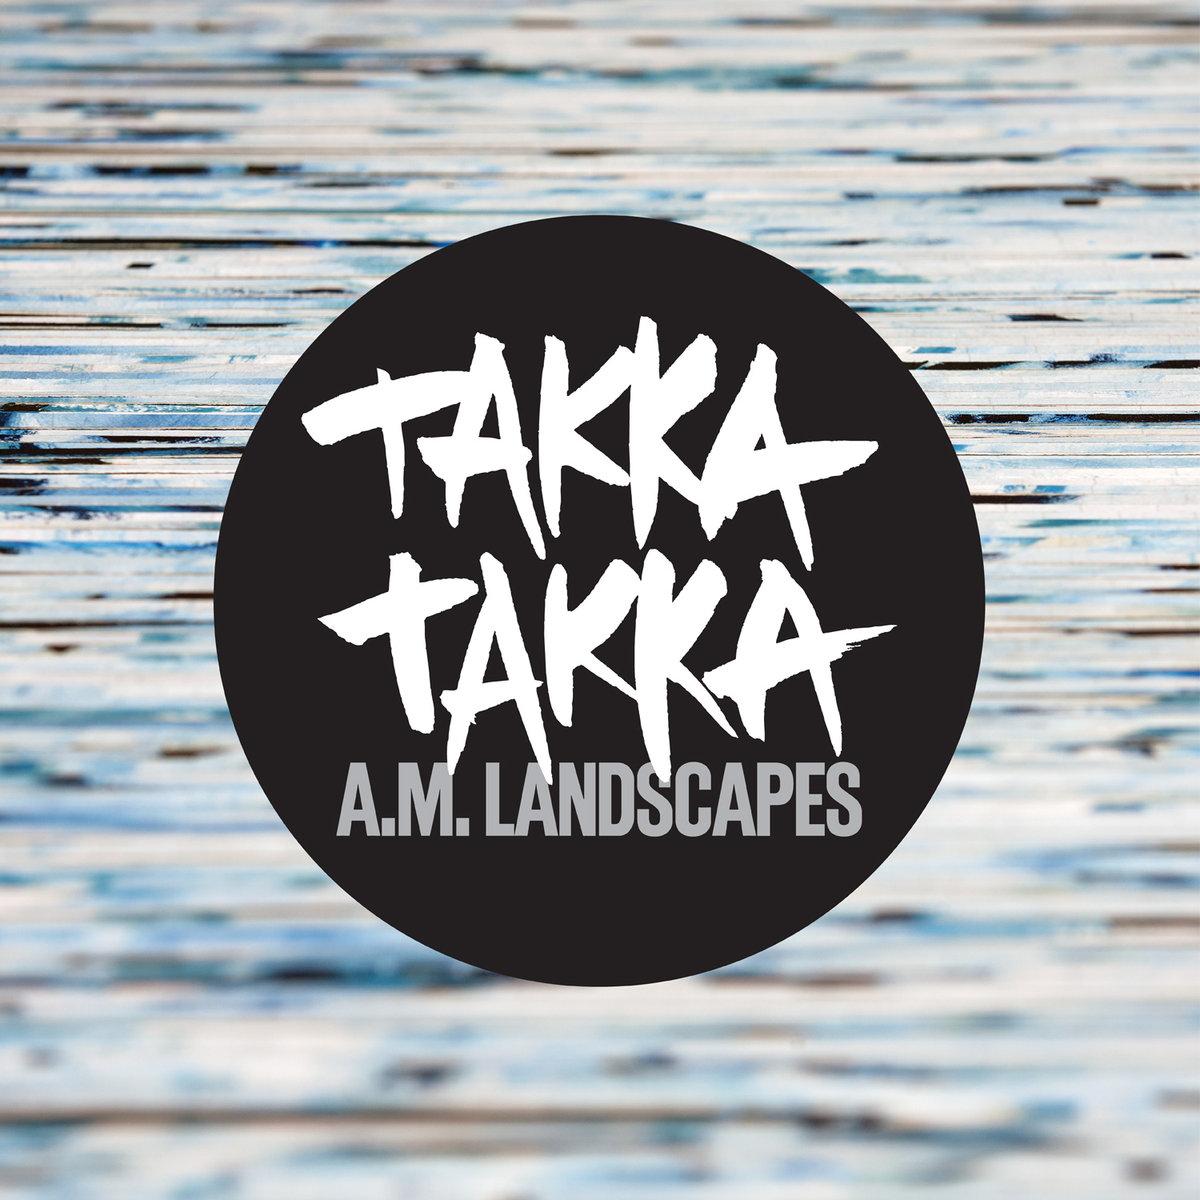 Takka Takka - A.M. Landscapes